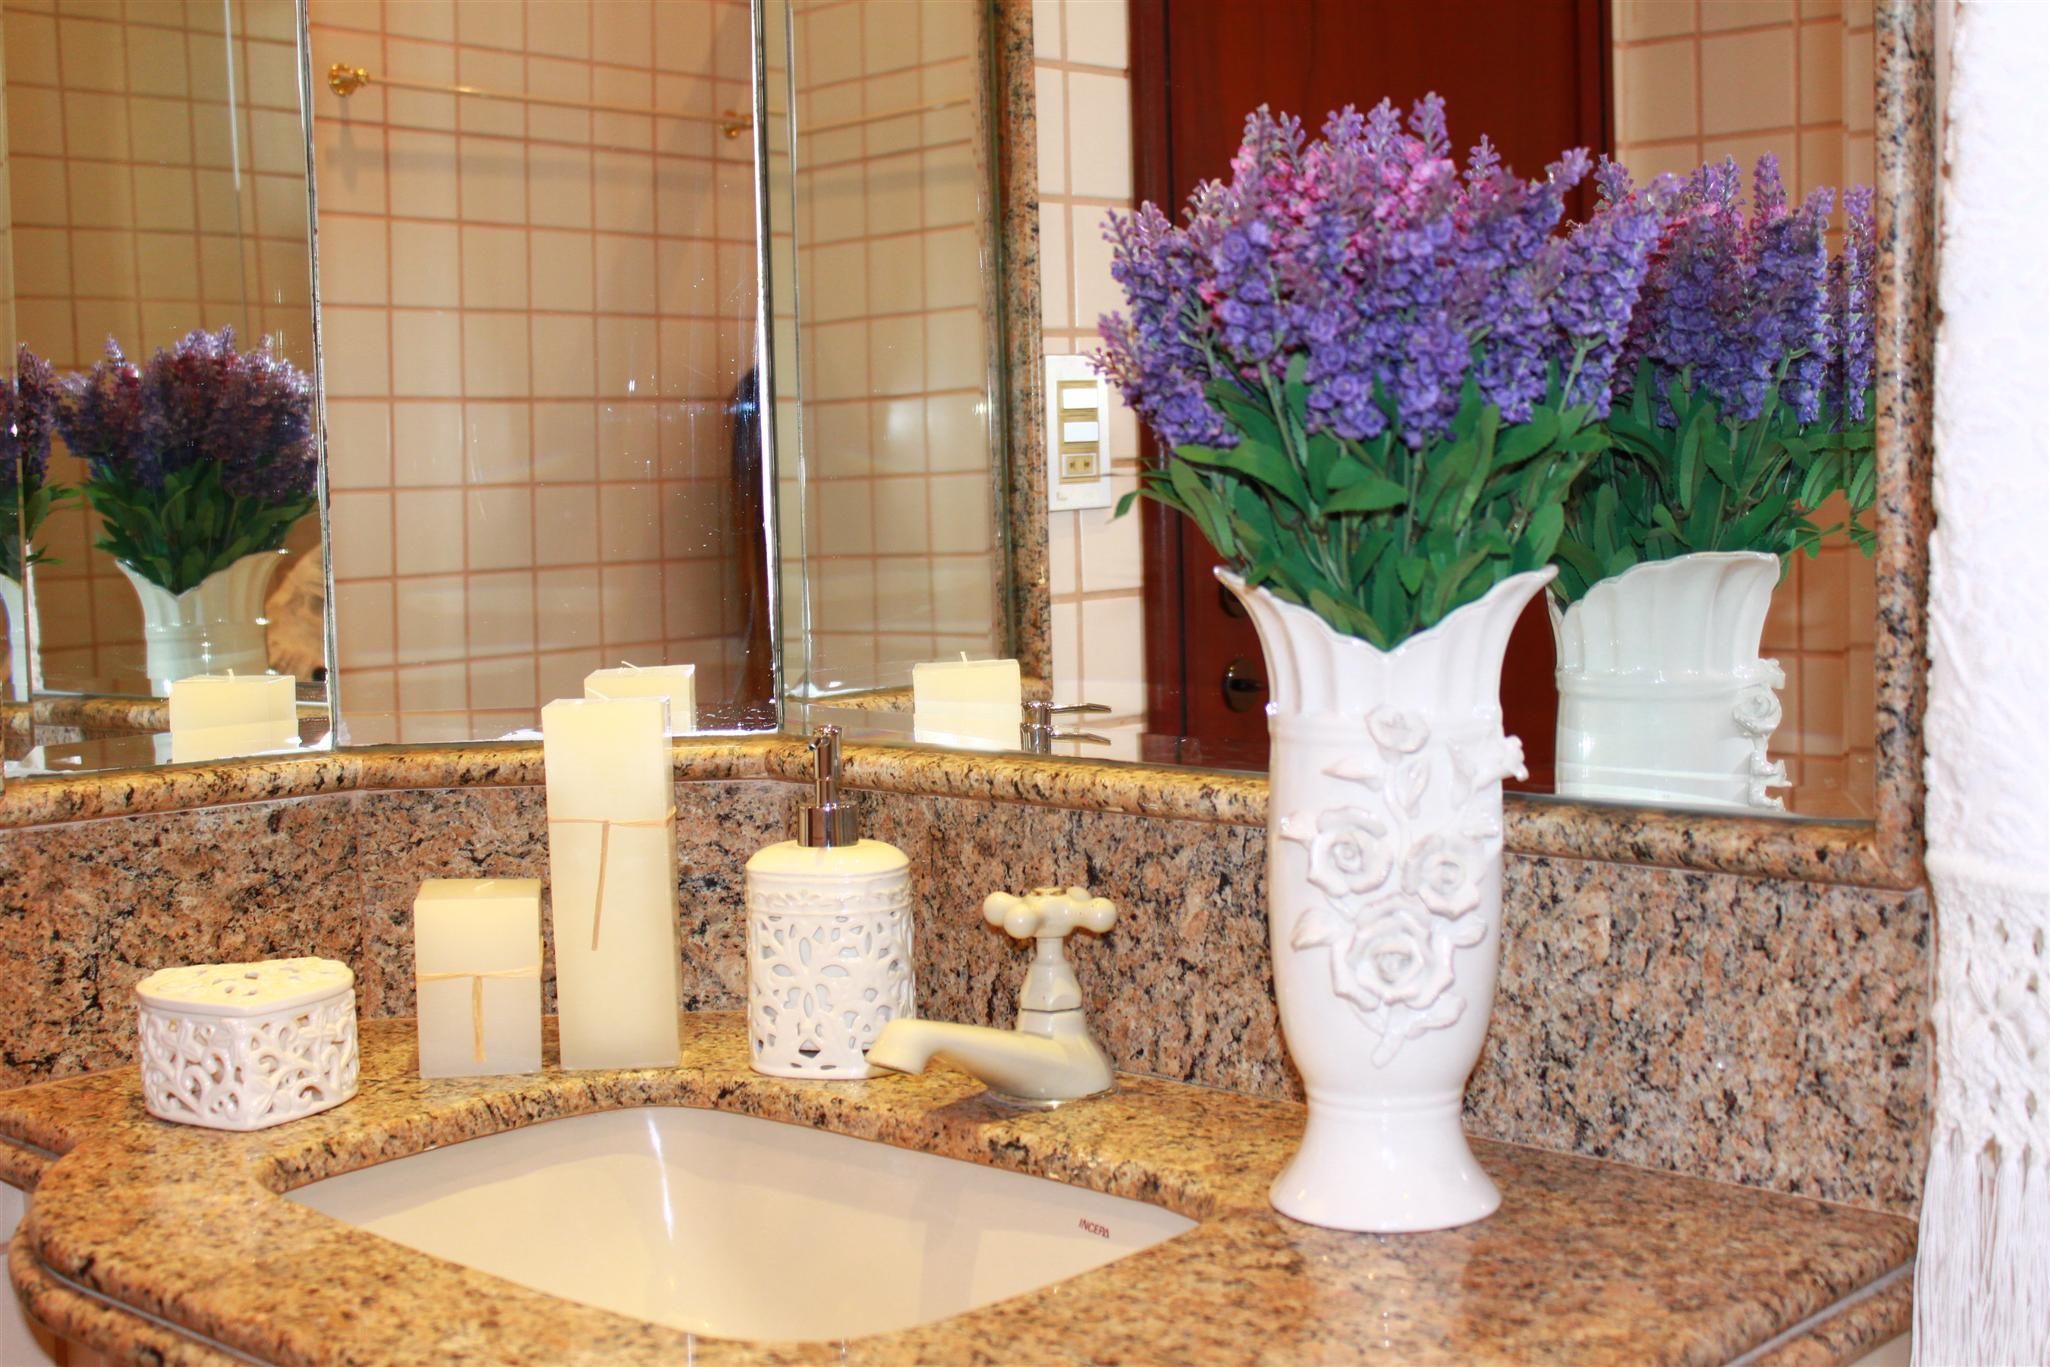 decoracao no lavabo : decoracao no lavabo:Peças em provençal, decoração lavabo, plantações de lavanda